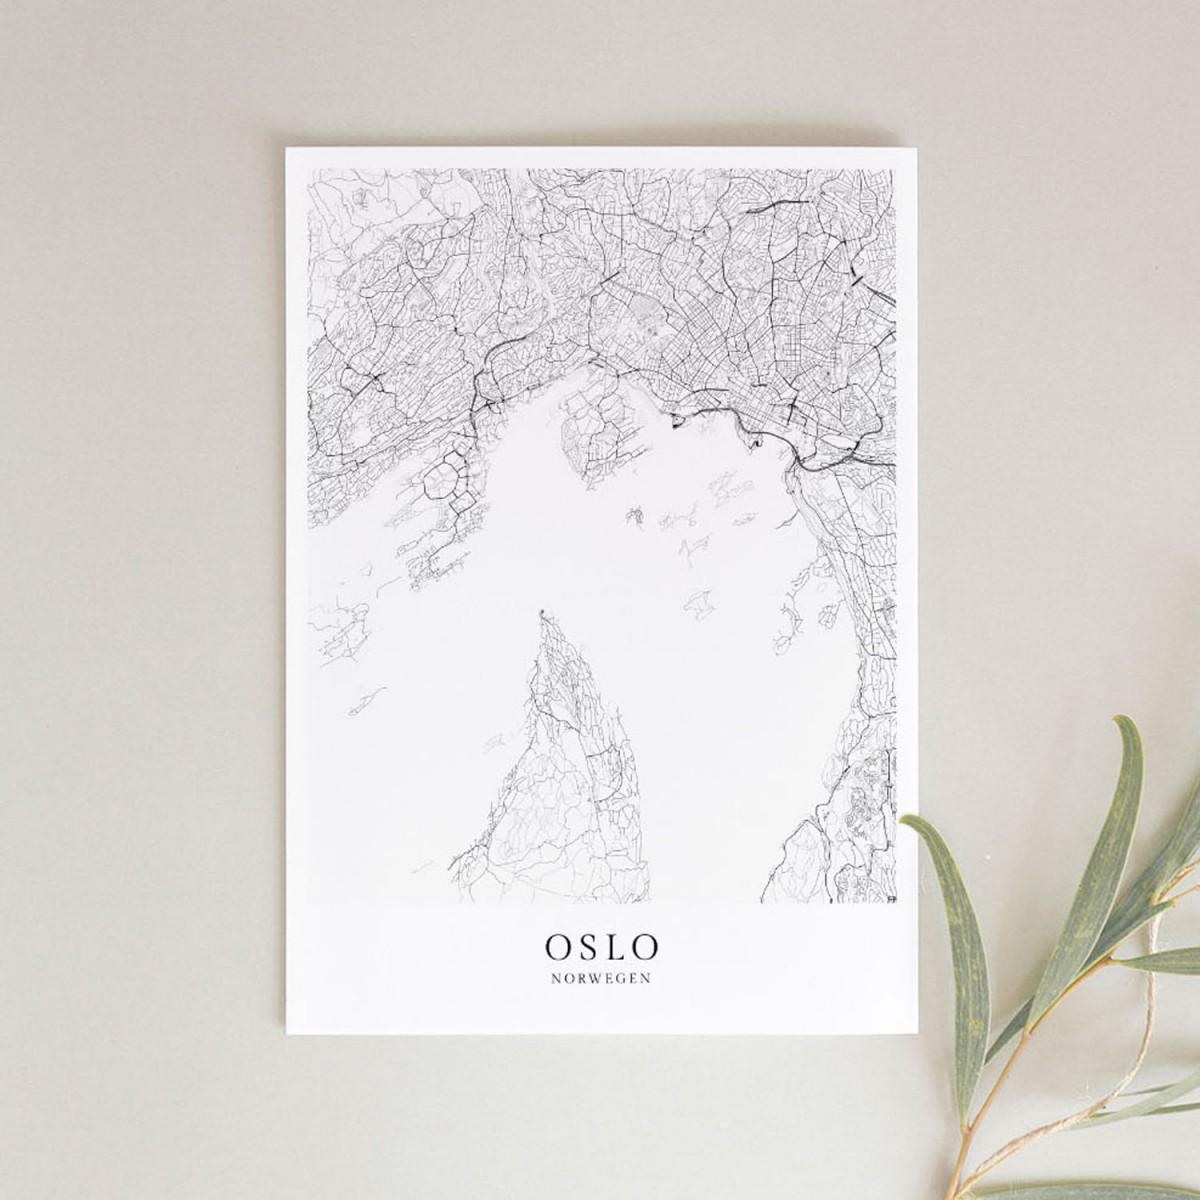 OSLO als hochwertiges Poster im skandinavischen Stil von Skanemarie